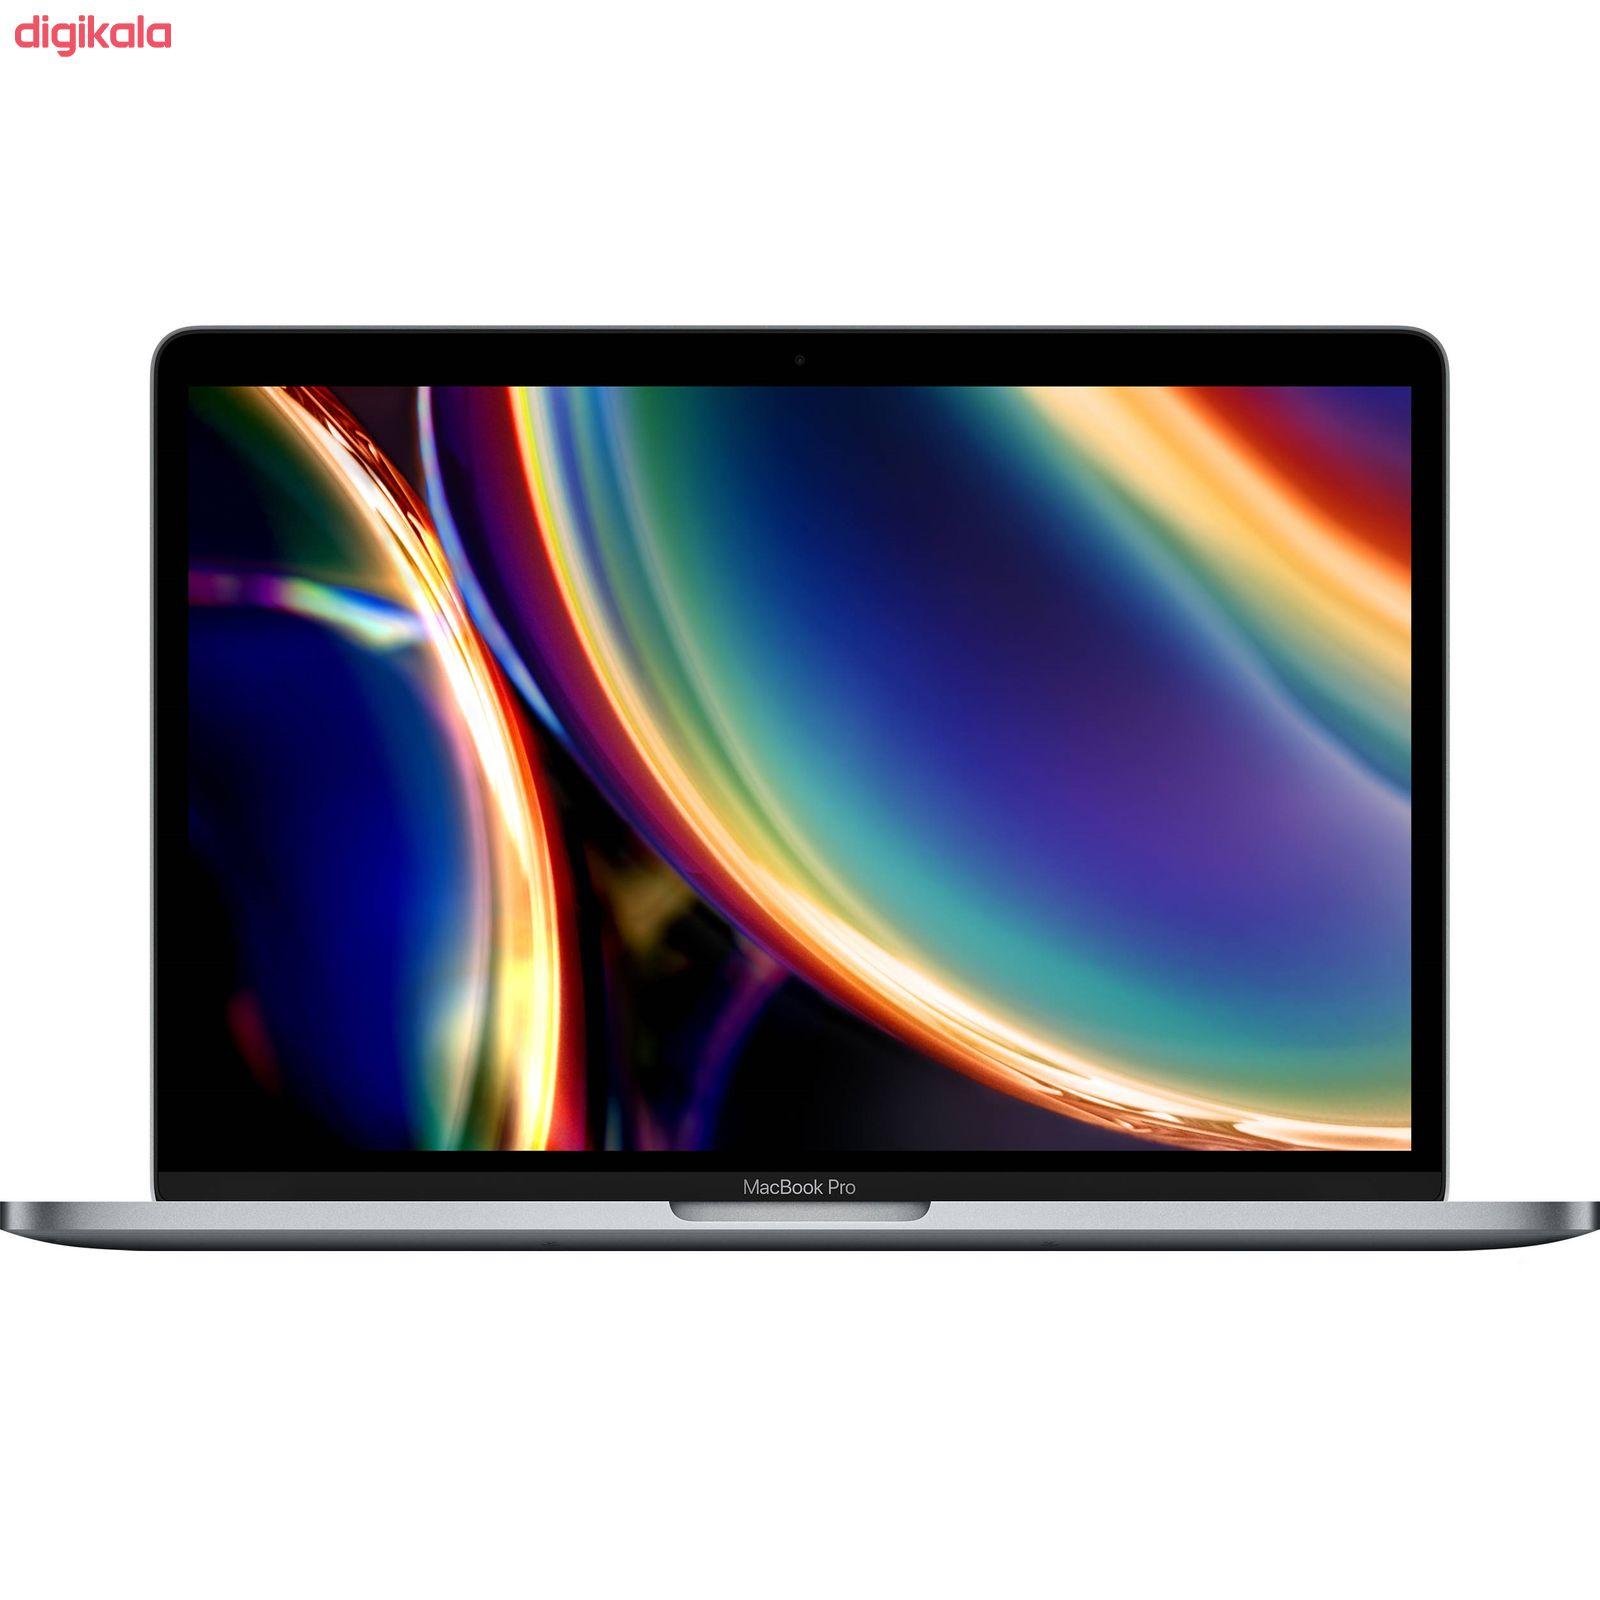 لپ تاپ 13 اینچی اپل مدل MacBook Pro MWP52 2020 همراه با تاچ بار  main 1 1